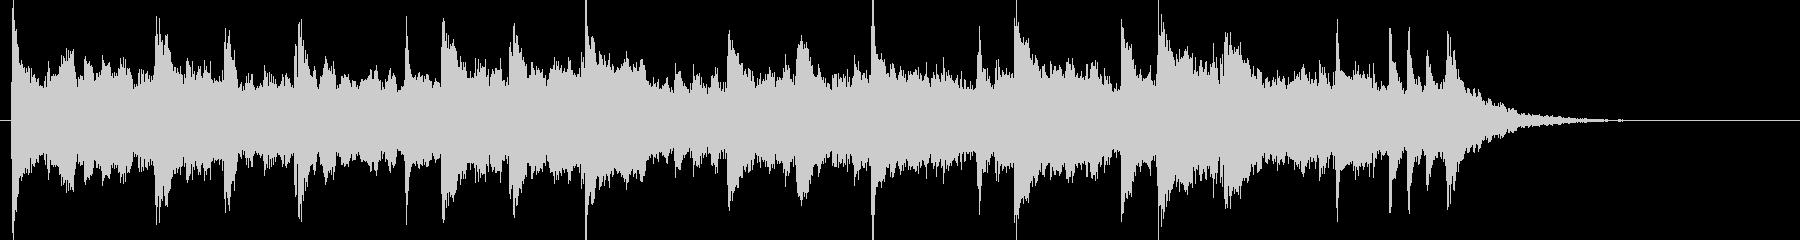 クリーン エレキギター アンビエントの未再生の波形